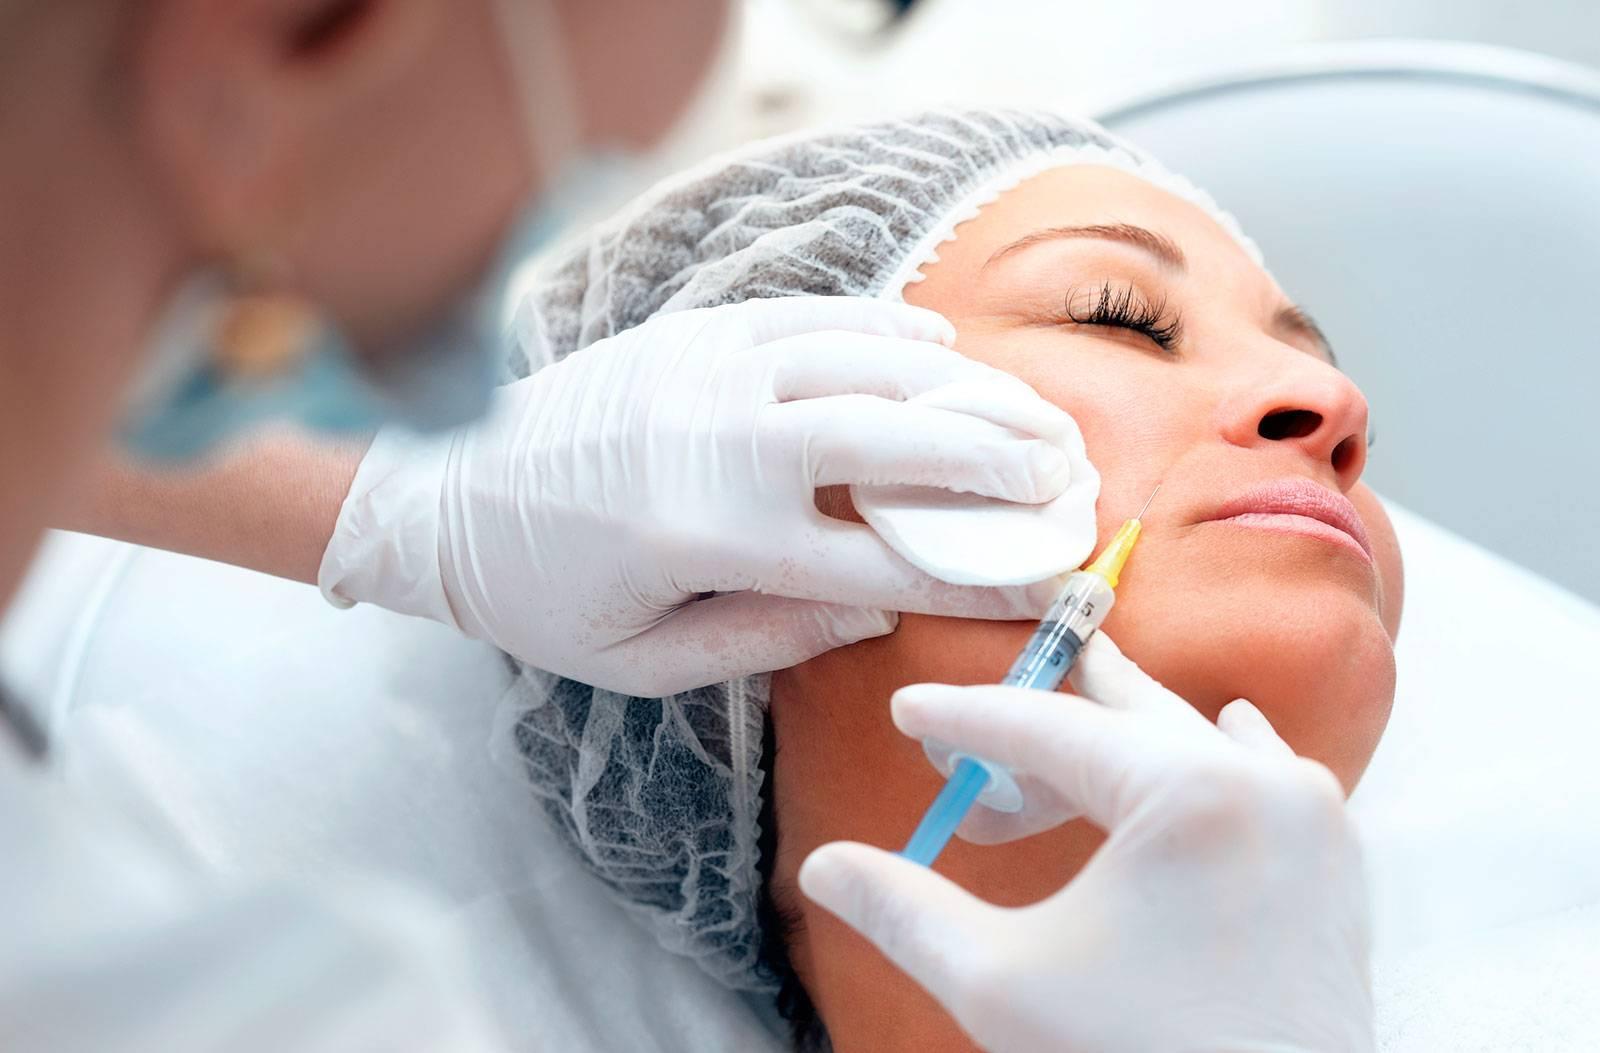 Эффективность и преимущества фракционной мезотерапии для кожи лица